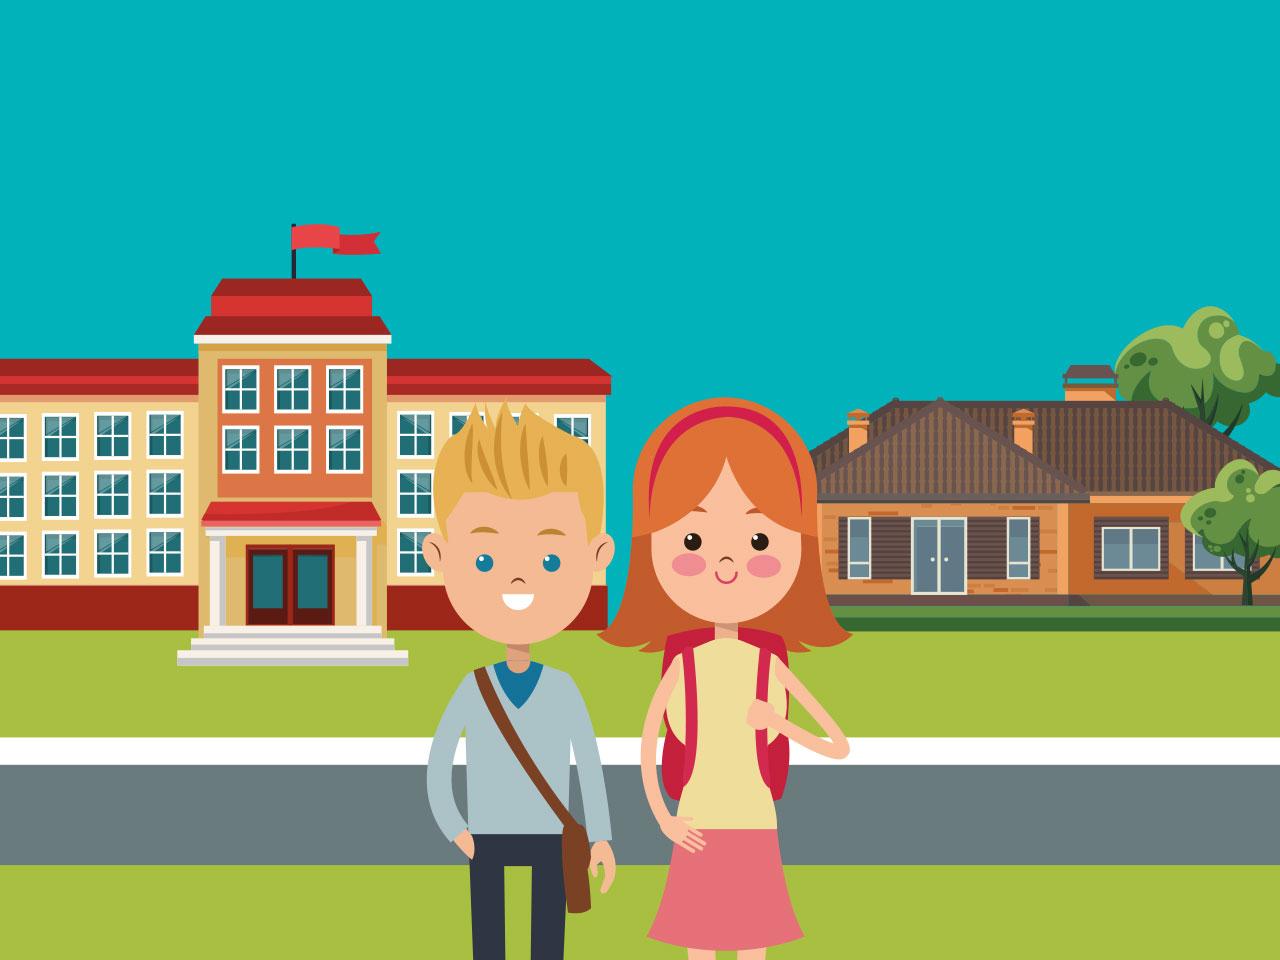 La proximité d'une école cotée fait grimper les prix de l'immobilier